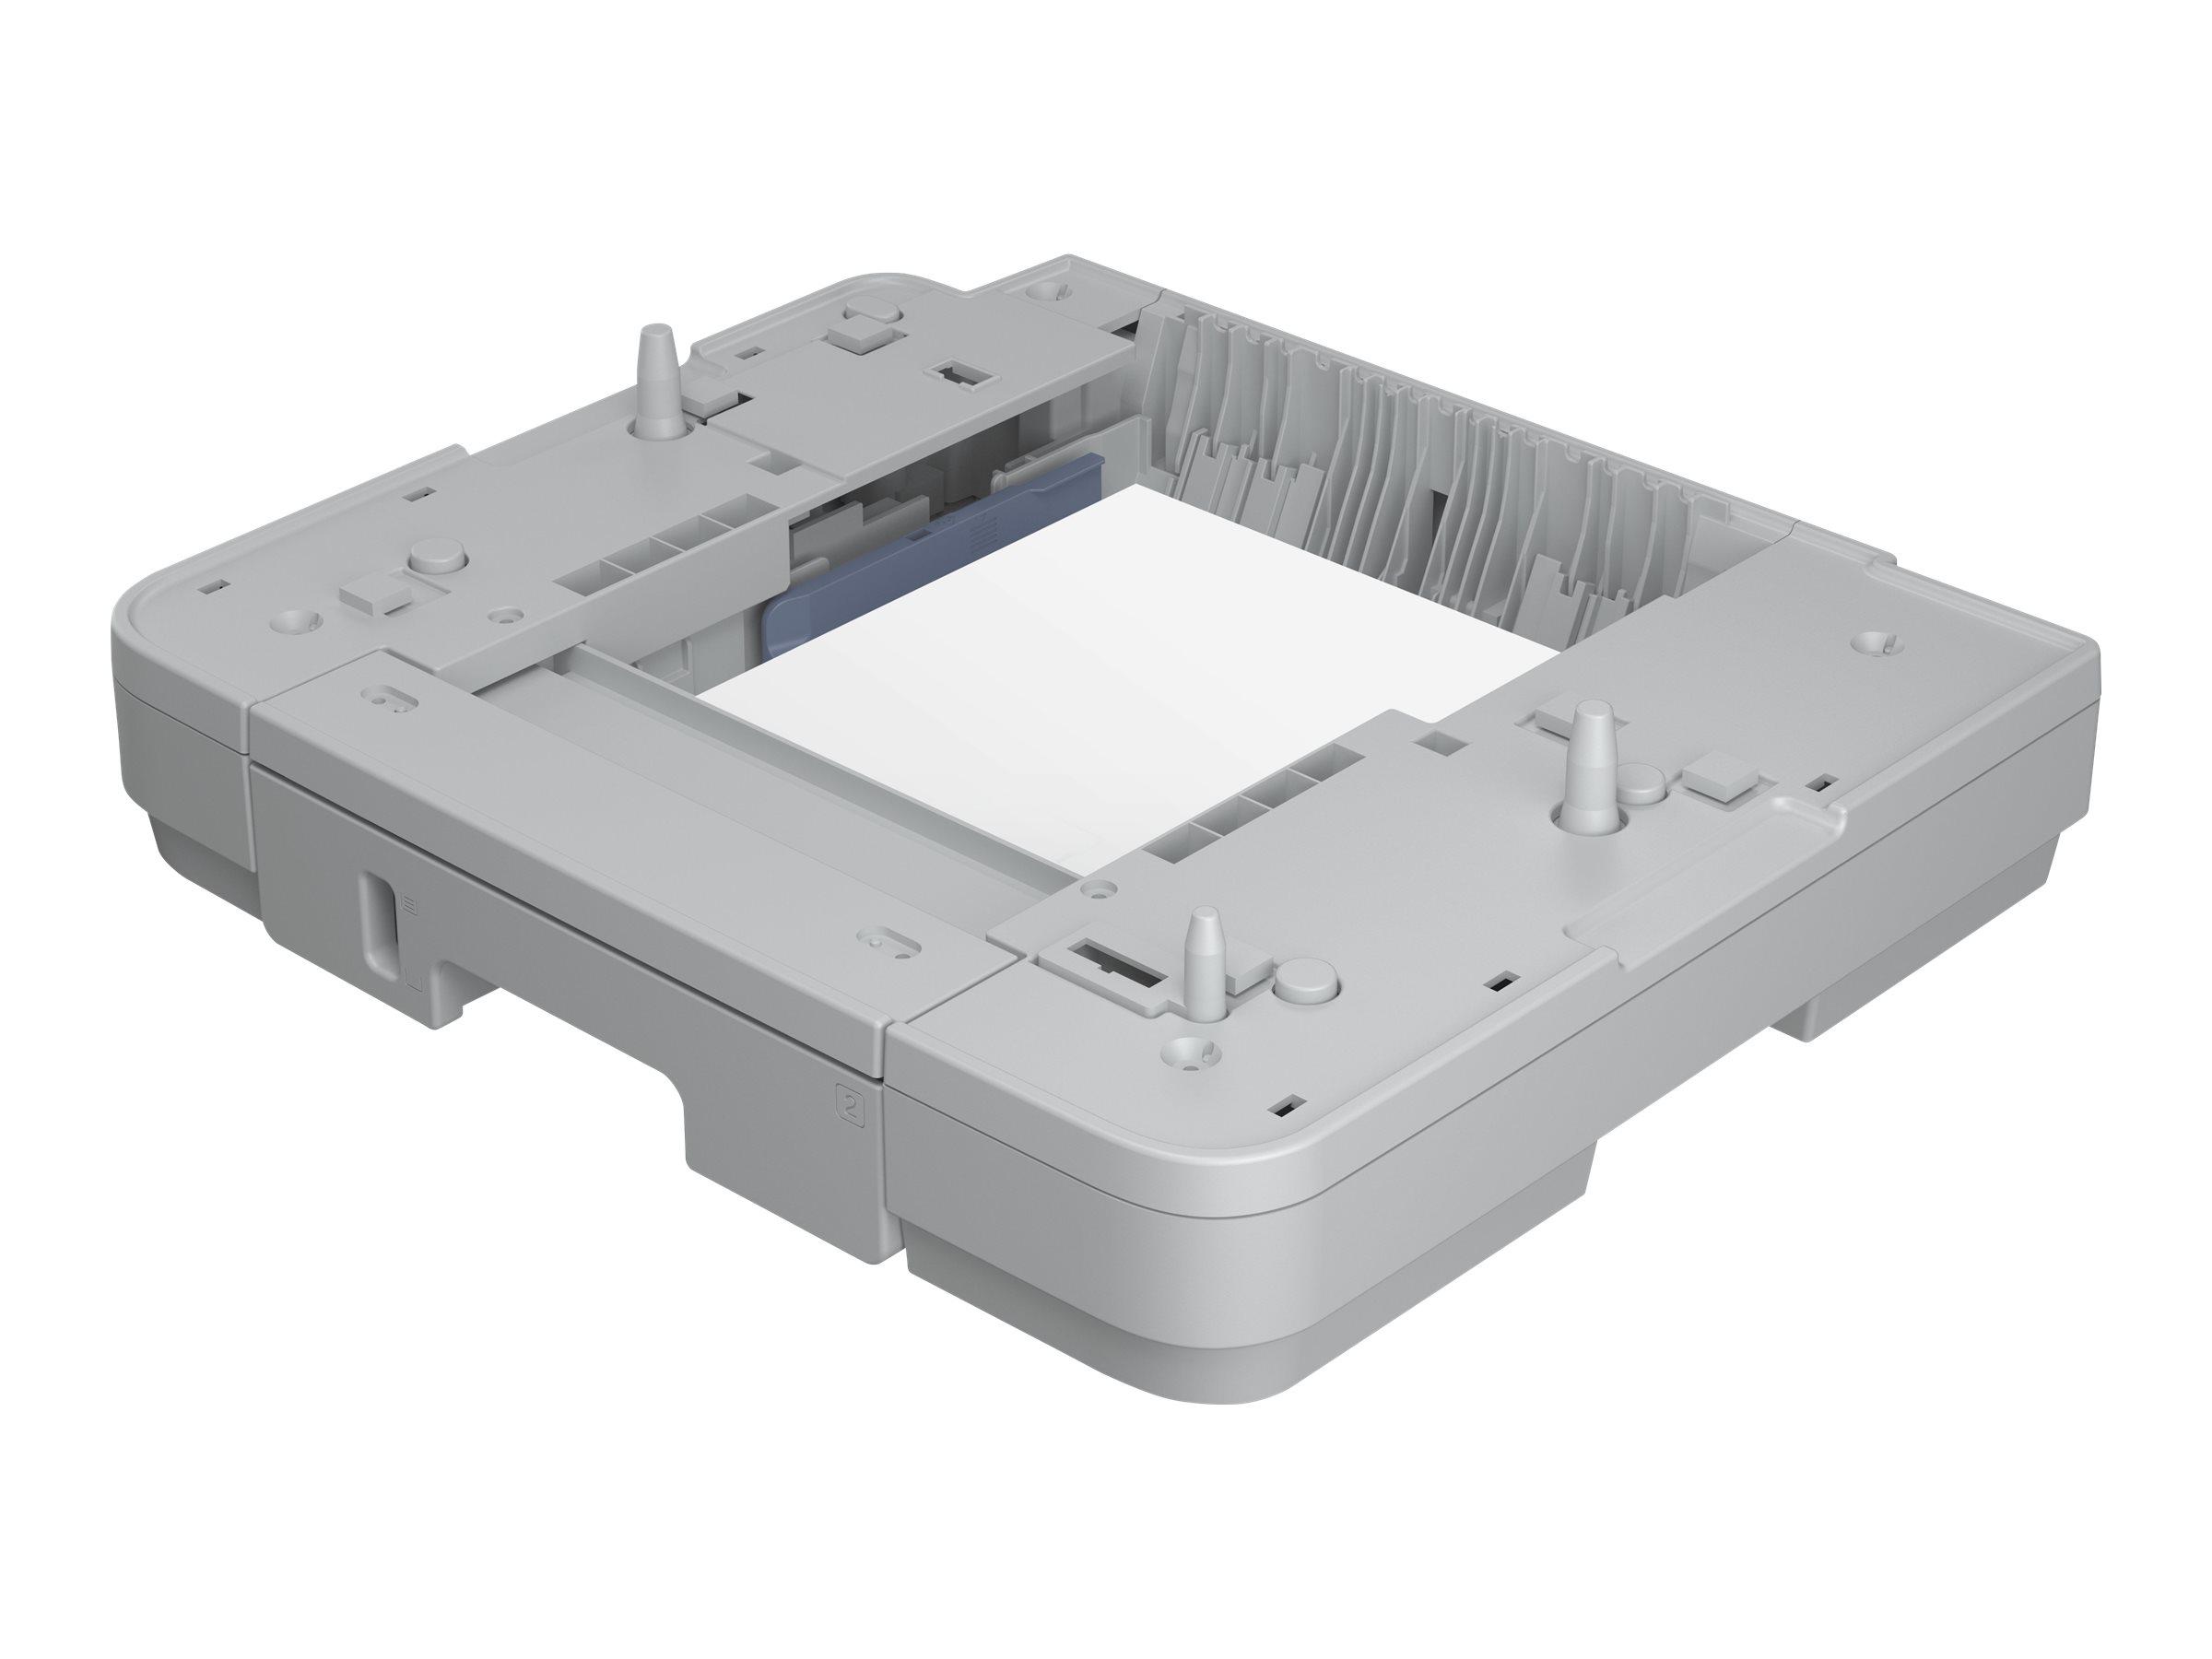 Epson - Cassette de papier - 500 feuilles dans 1 bac(s)